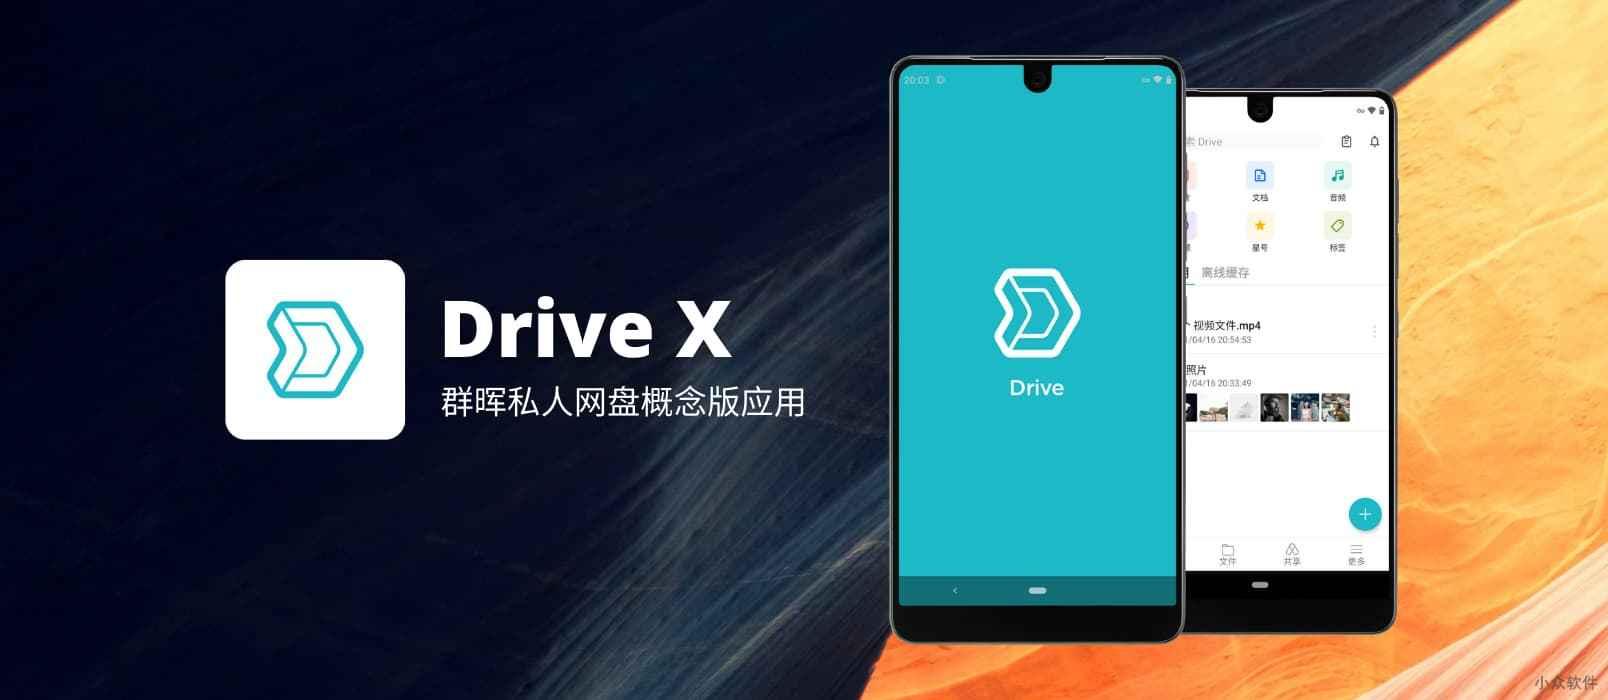 群晖发布概念版网盘应用 Drive X